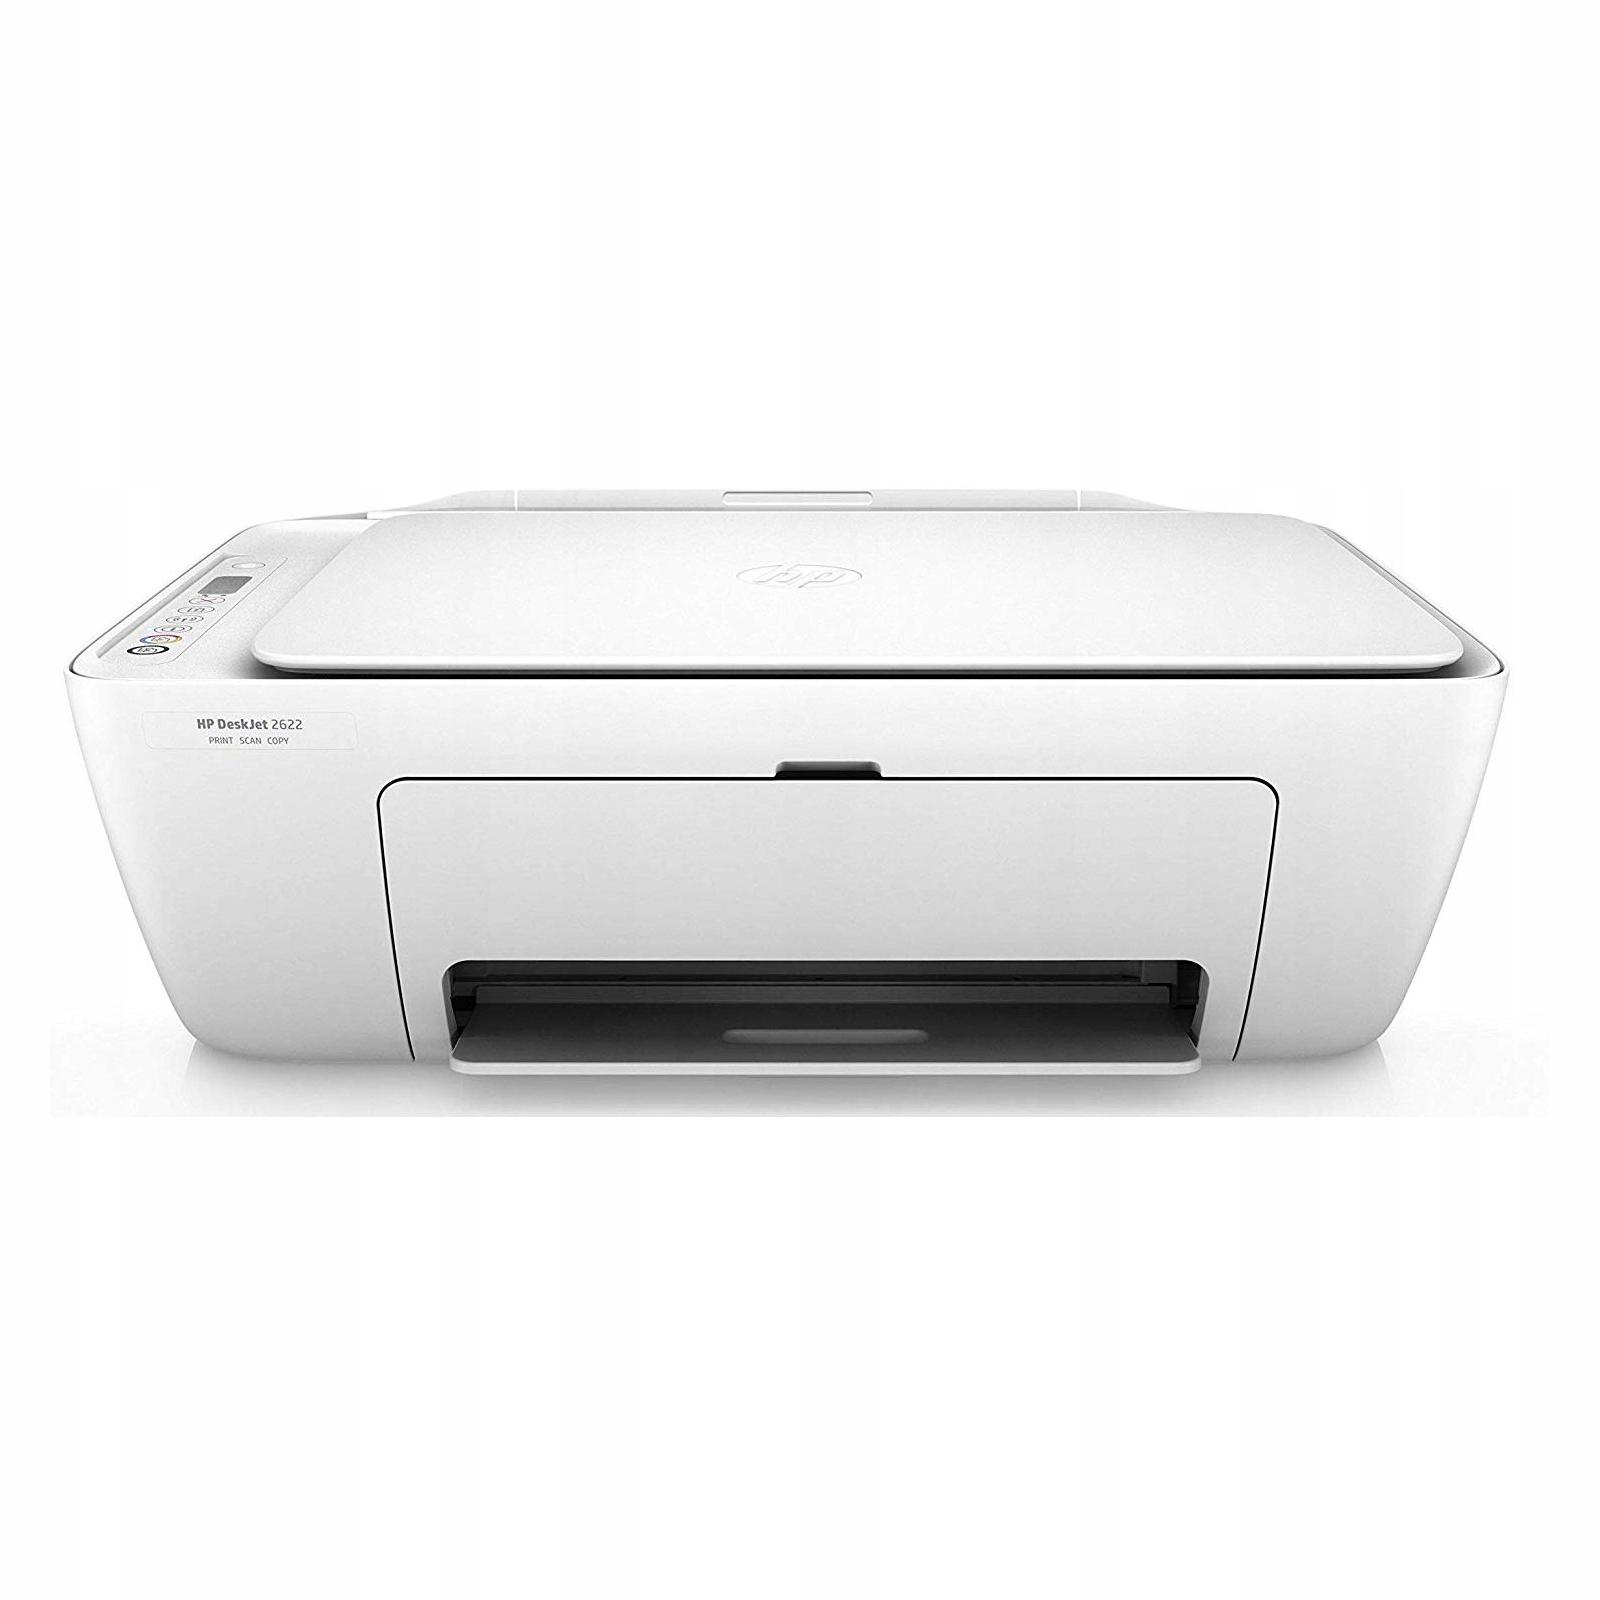 Drukarka wielofunkcyjna HP DeskJet 2622 Tusze 304